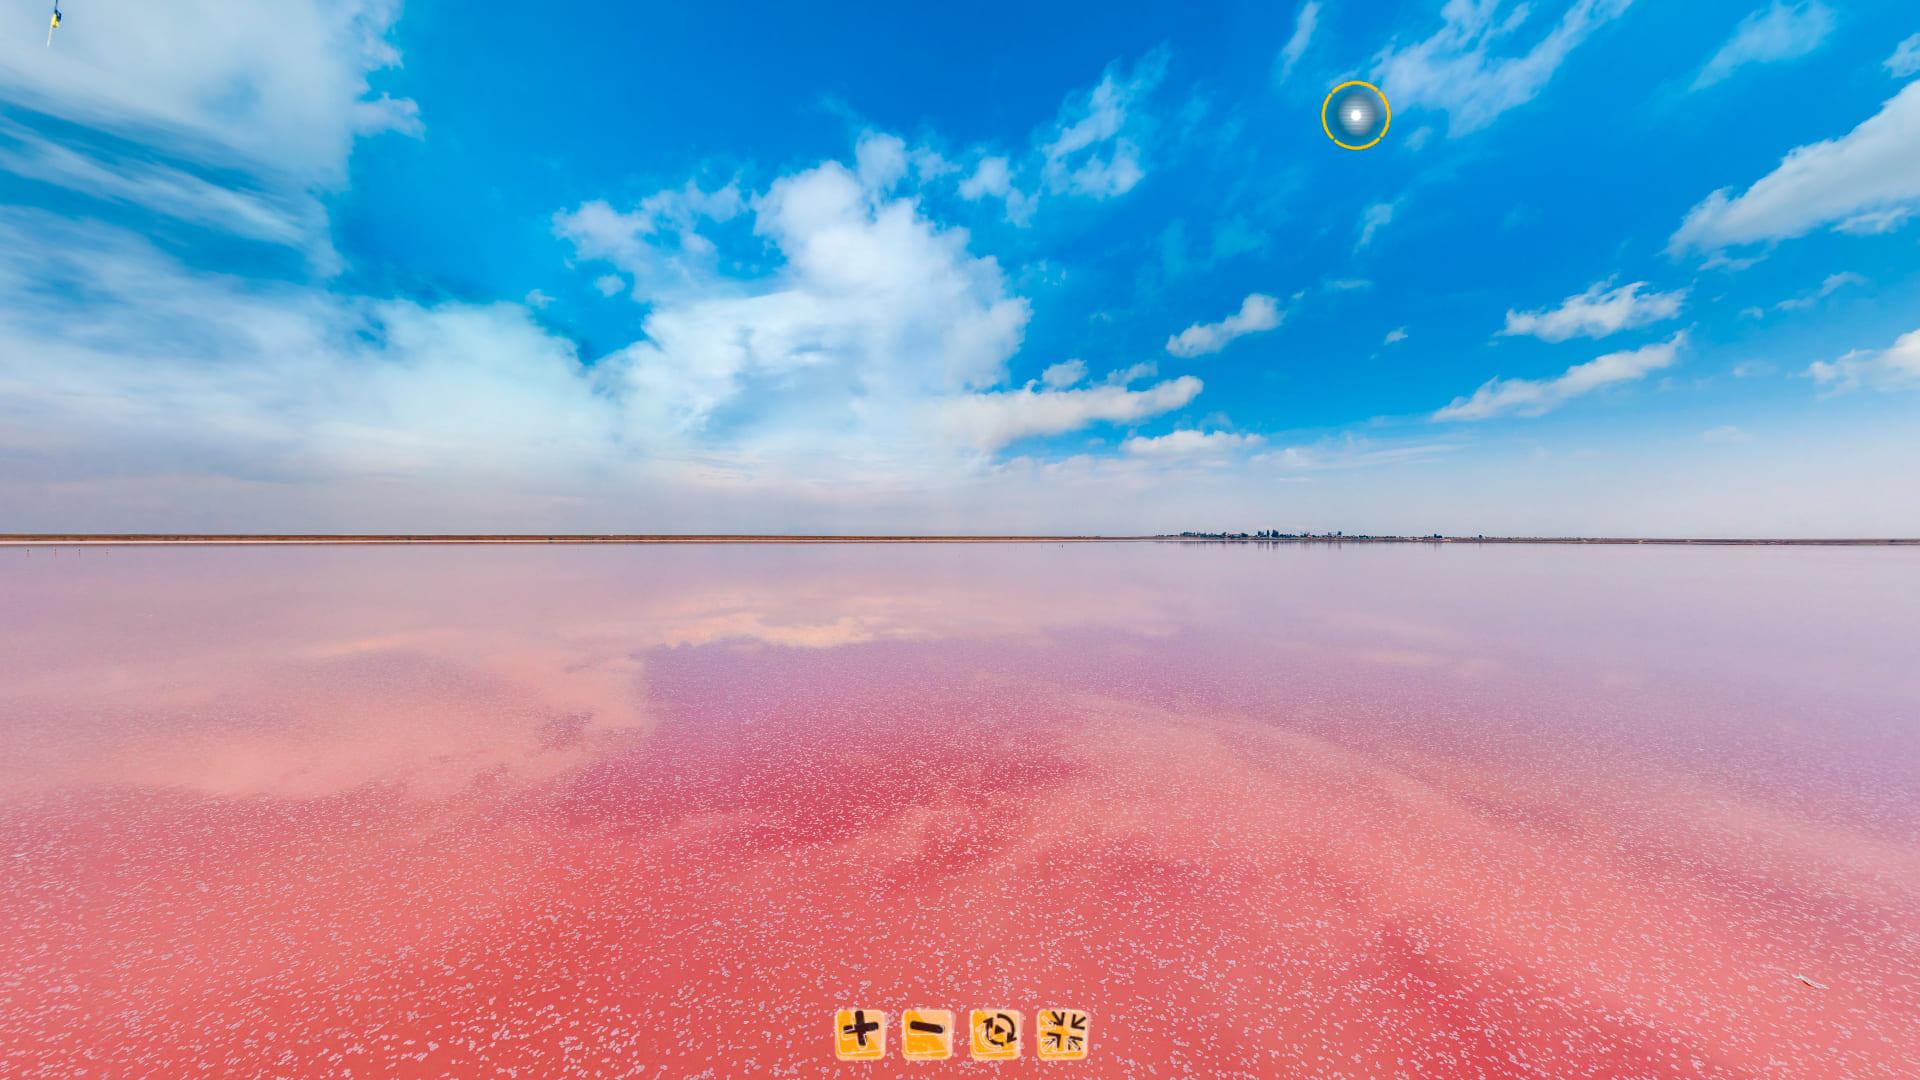 Панорама озера с высоты от 3 до 5 метров